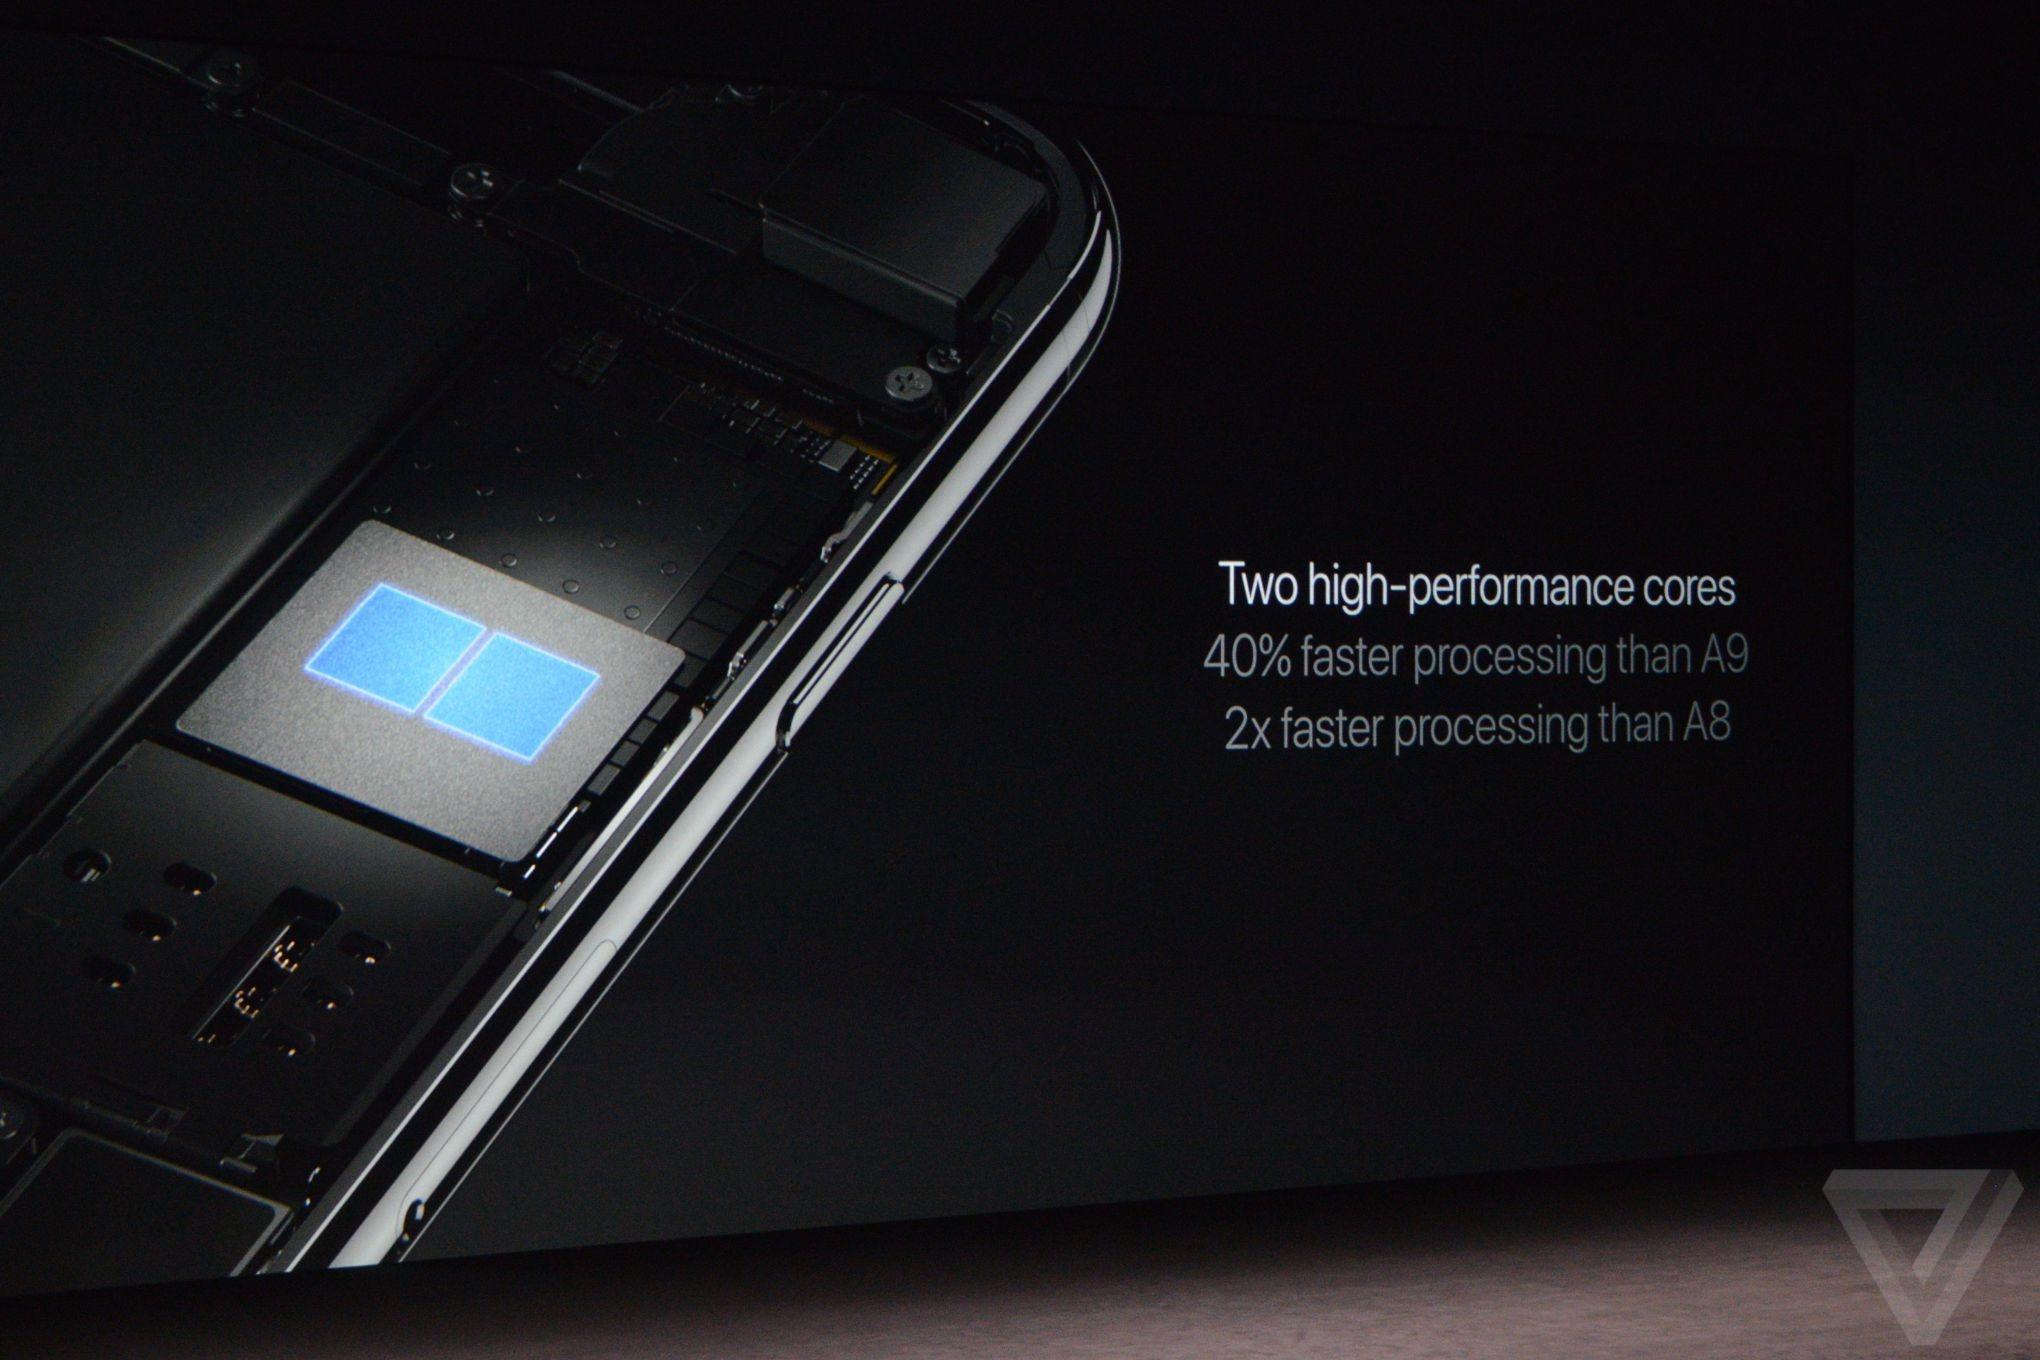 آیفون ۷ و۷ پلاس سریعترین گوشی هوشمنددنیا با قویترین گرافیک/اپل رقبا را مقهور خود ساخت